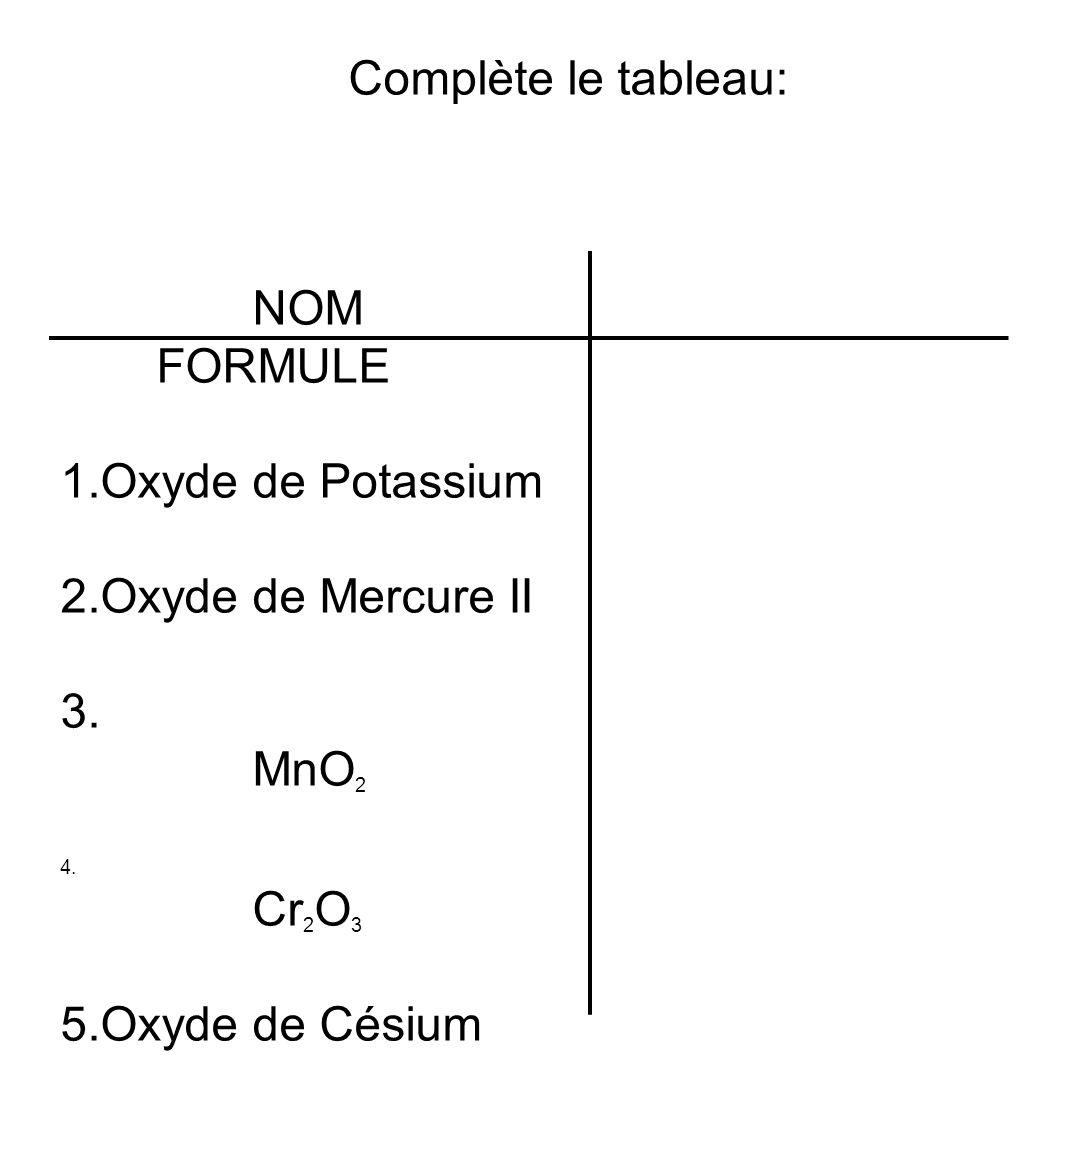 Complète le tableau: NOM FORMULE 1.Oxyde de Potassium 2.Oxyde de Mercure II 3. MnO 2 4. Cr 2 O 3 5.Oxyde de Césium